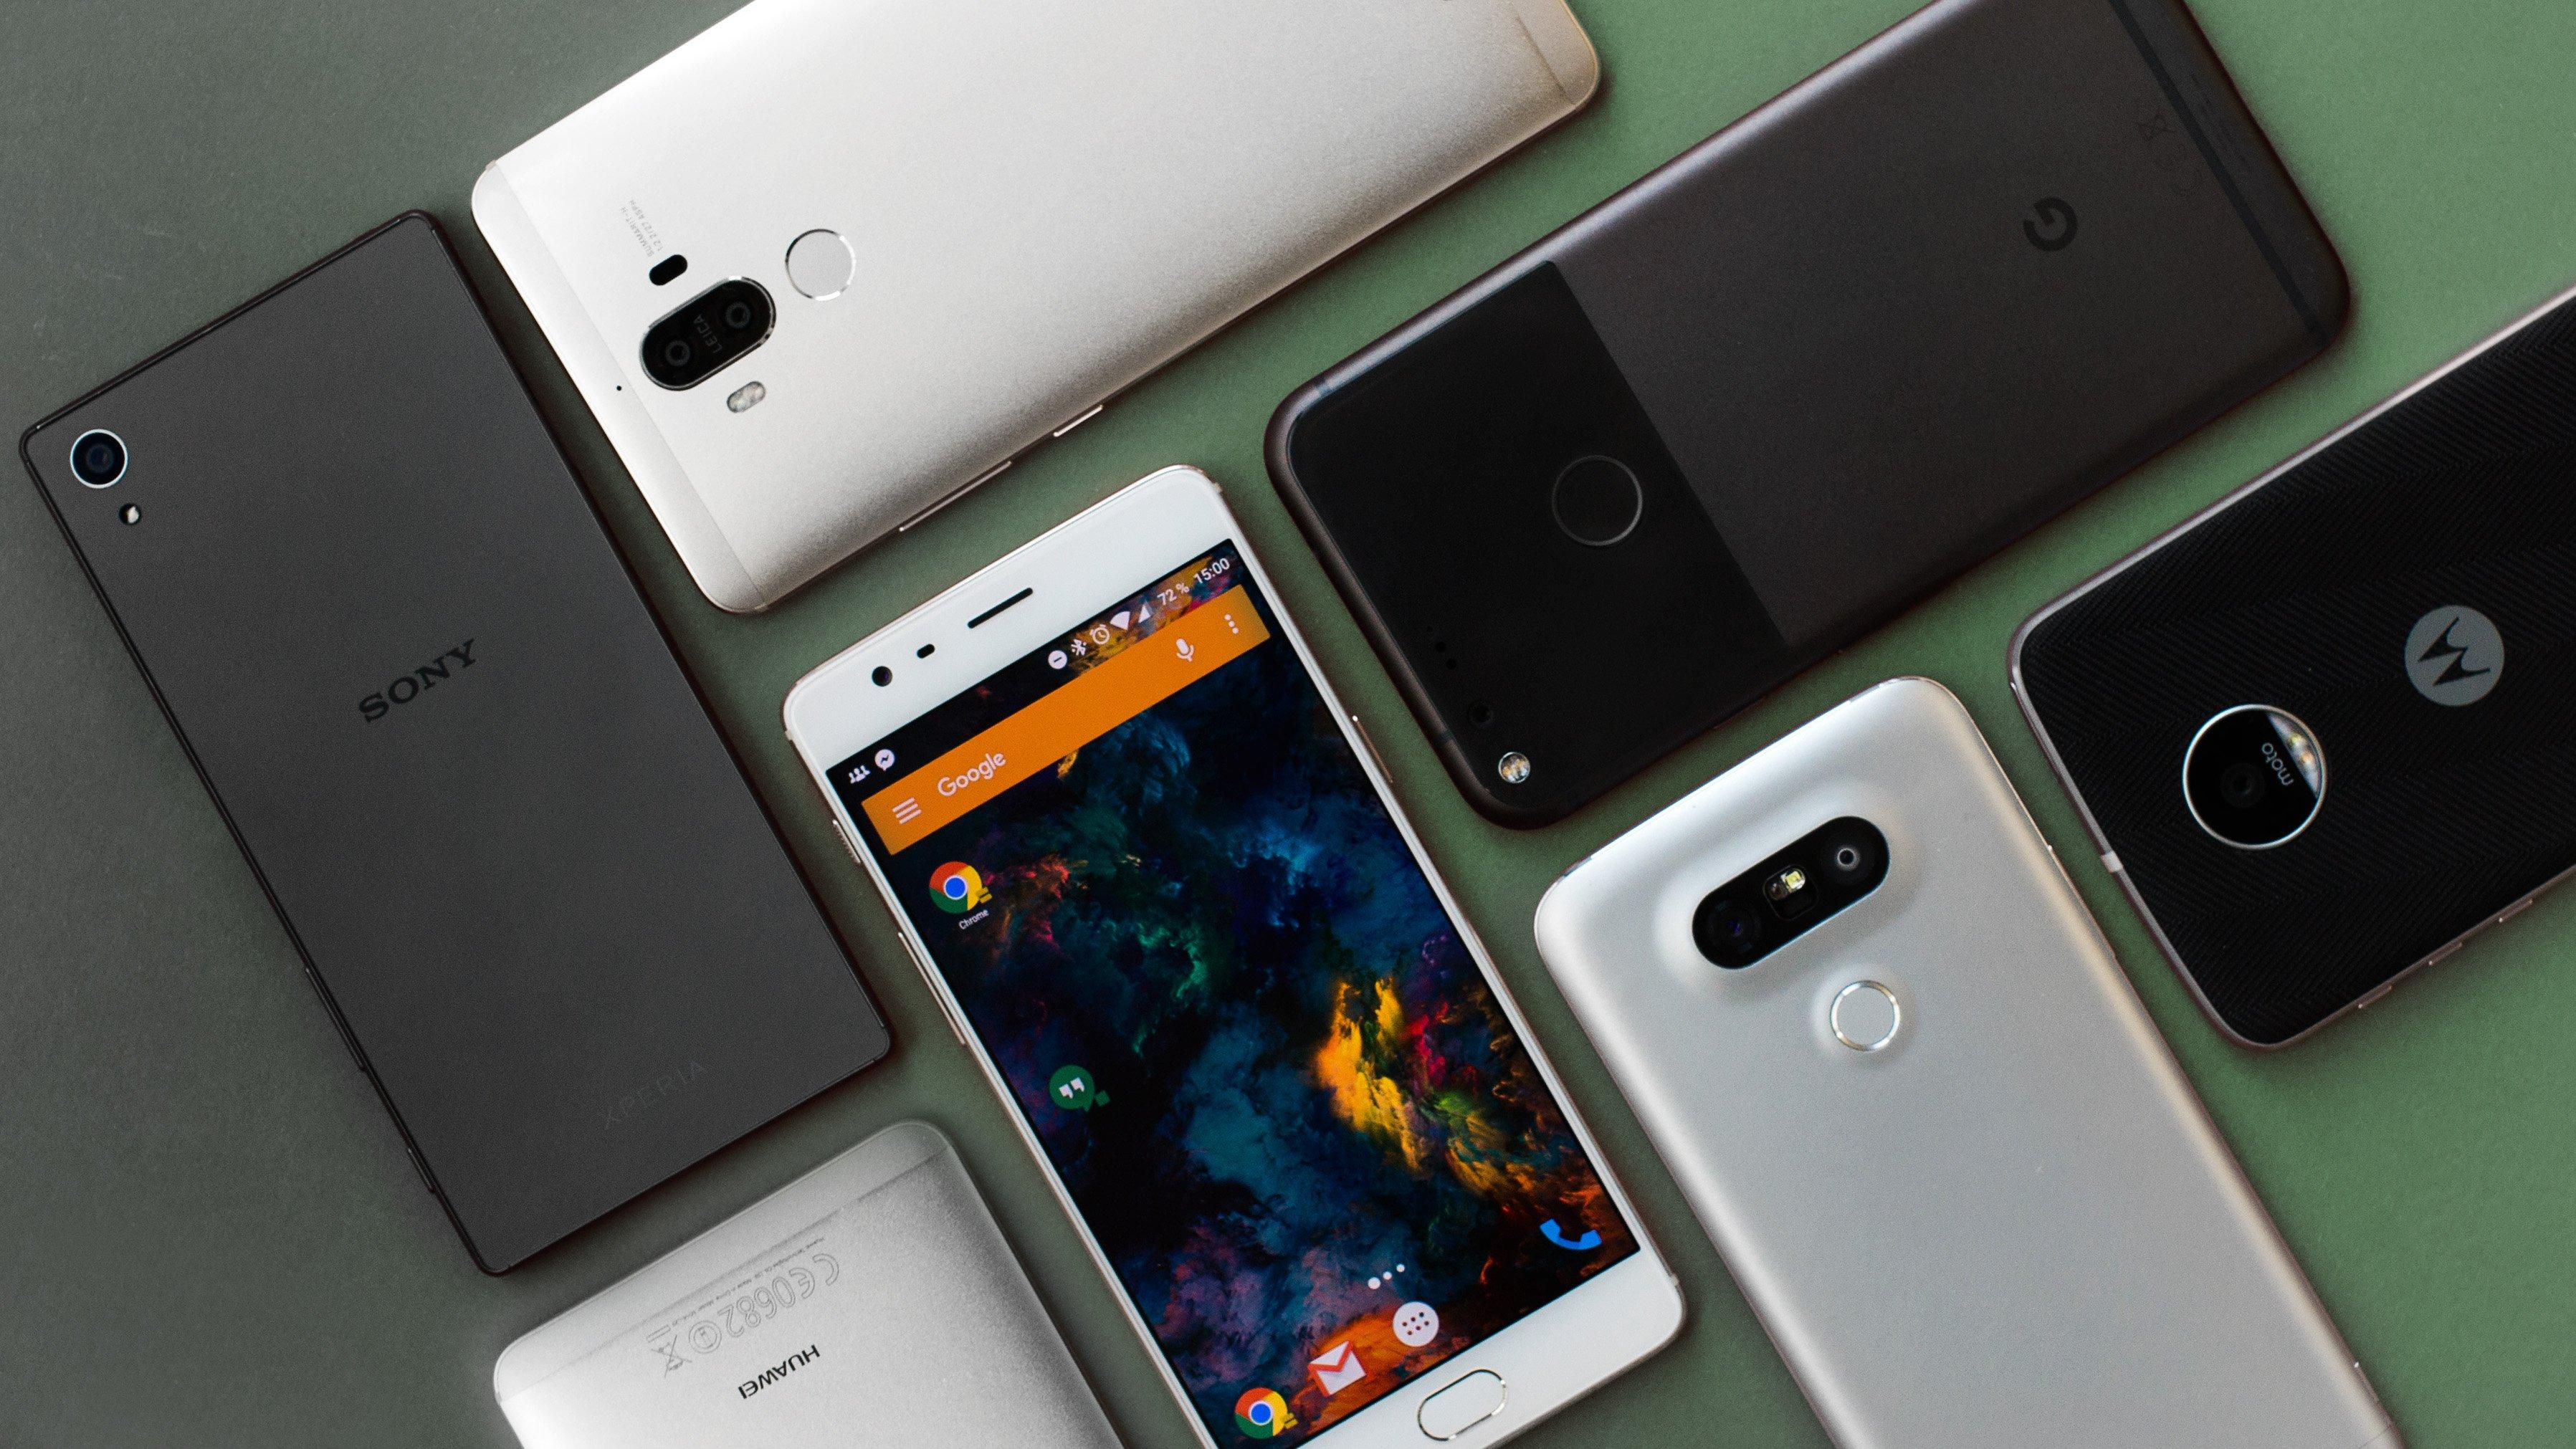 MARKET में इन 5 स्मार्टफोन कंपनियों का रहता है बोलबाला, जानें यहां